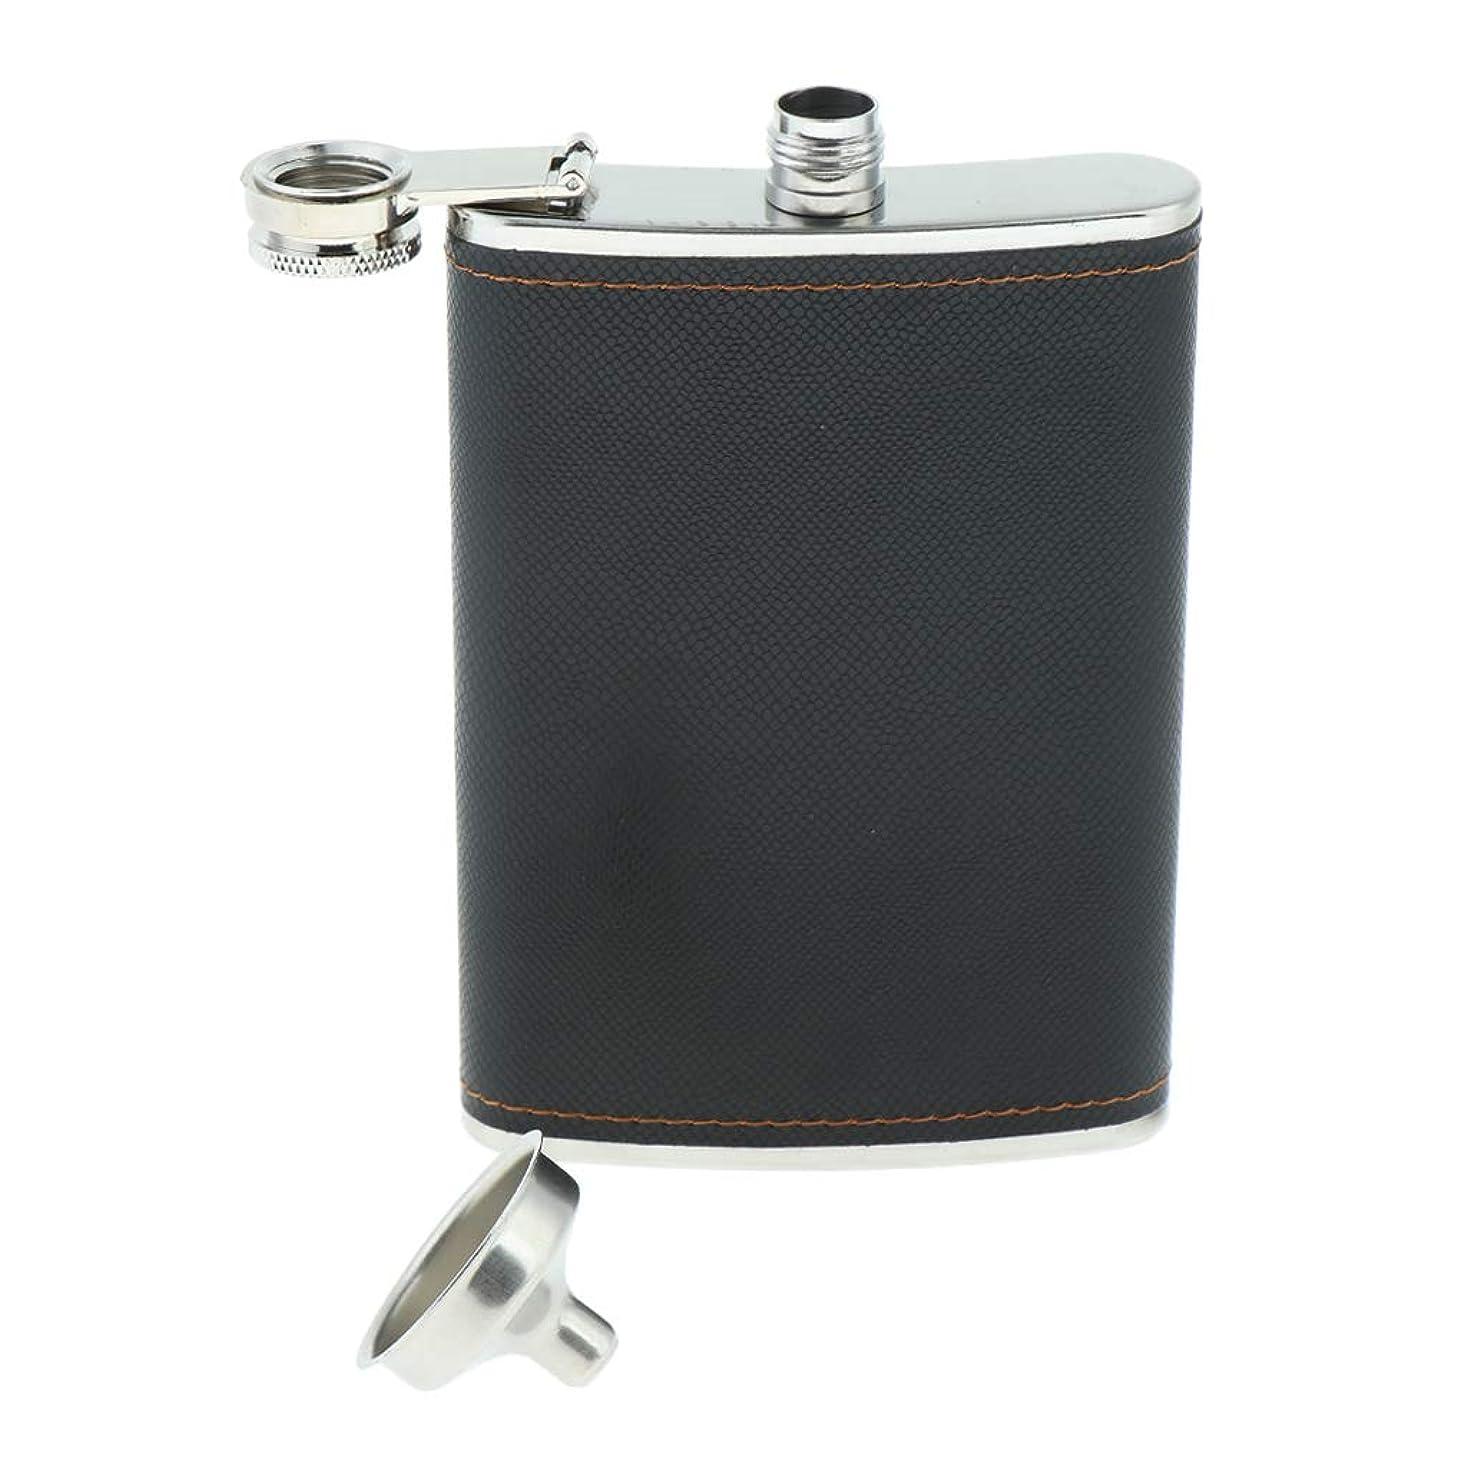 狂乱仕えるタッチPETSOLA 携帯 ボトル フラスコ スキットル ファンネル付 ステンレス鋼 清酒 ウイスキー ポータブル